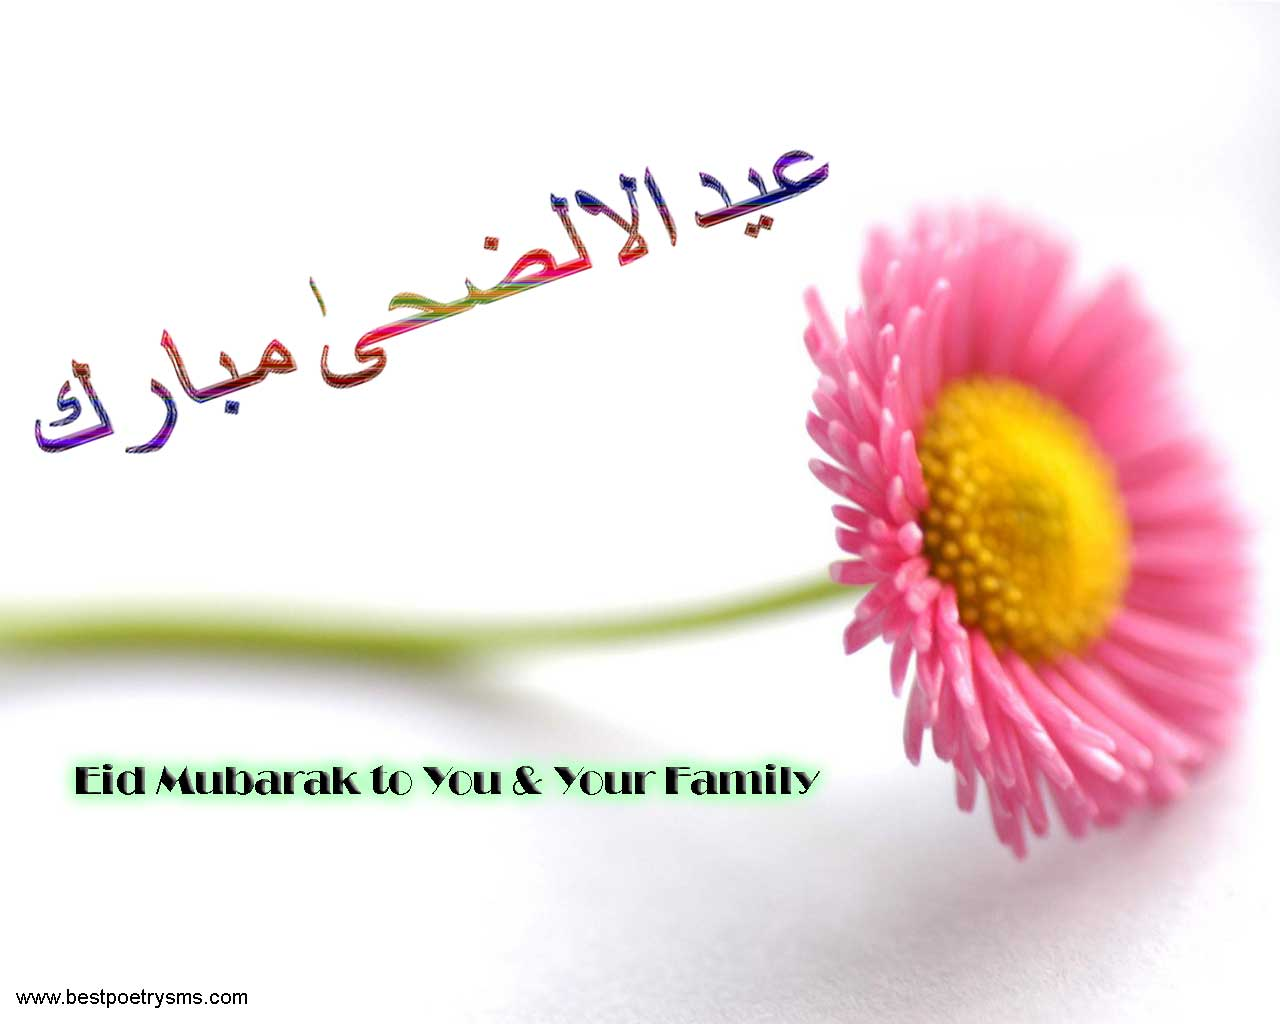 http://3.bp.blogspot.com/-lRSdny4maT8/UHHwn5v12FI/AAAAAAAAeI0/qiKt0dj26dk/s1600/Eid-Mubarak-2012-free-card.jpg